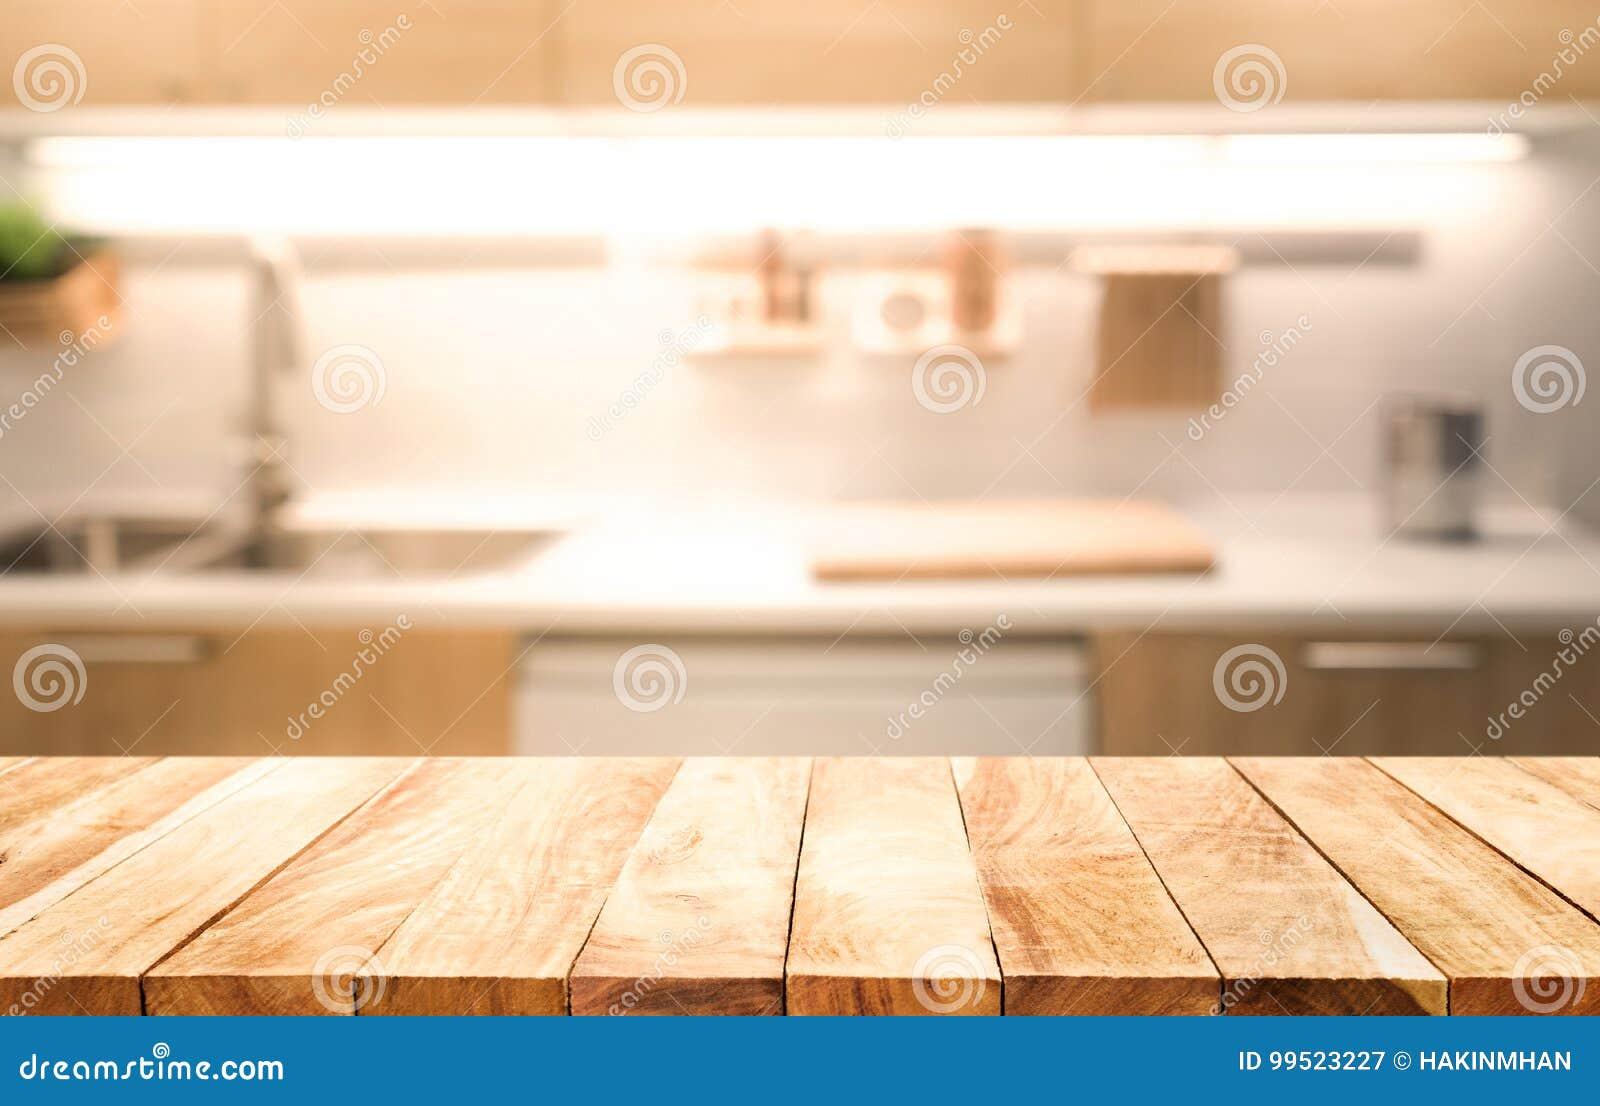 Houten lijstbovenkant op de ruimte van de achtergrond onduidelijk beeldkeuken het koken concept